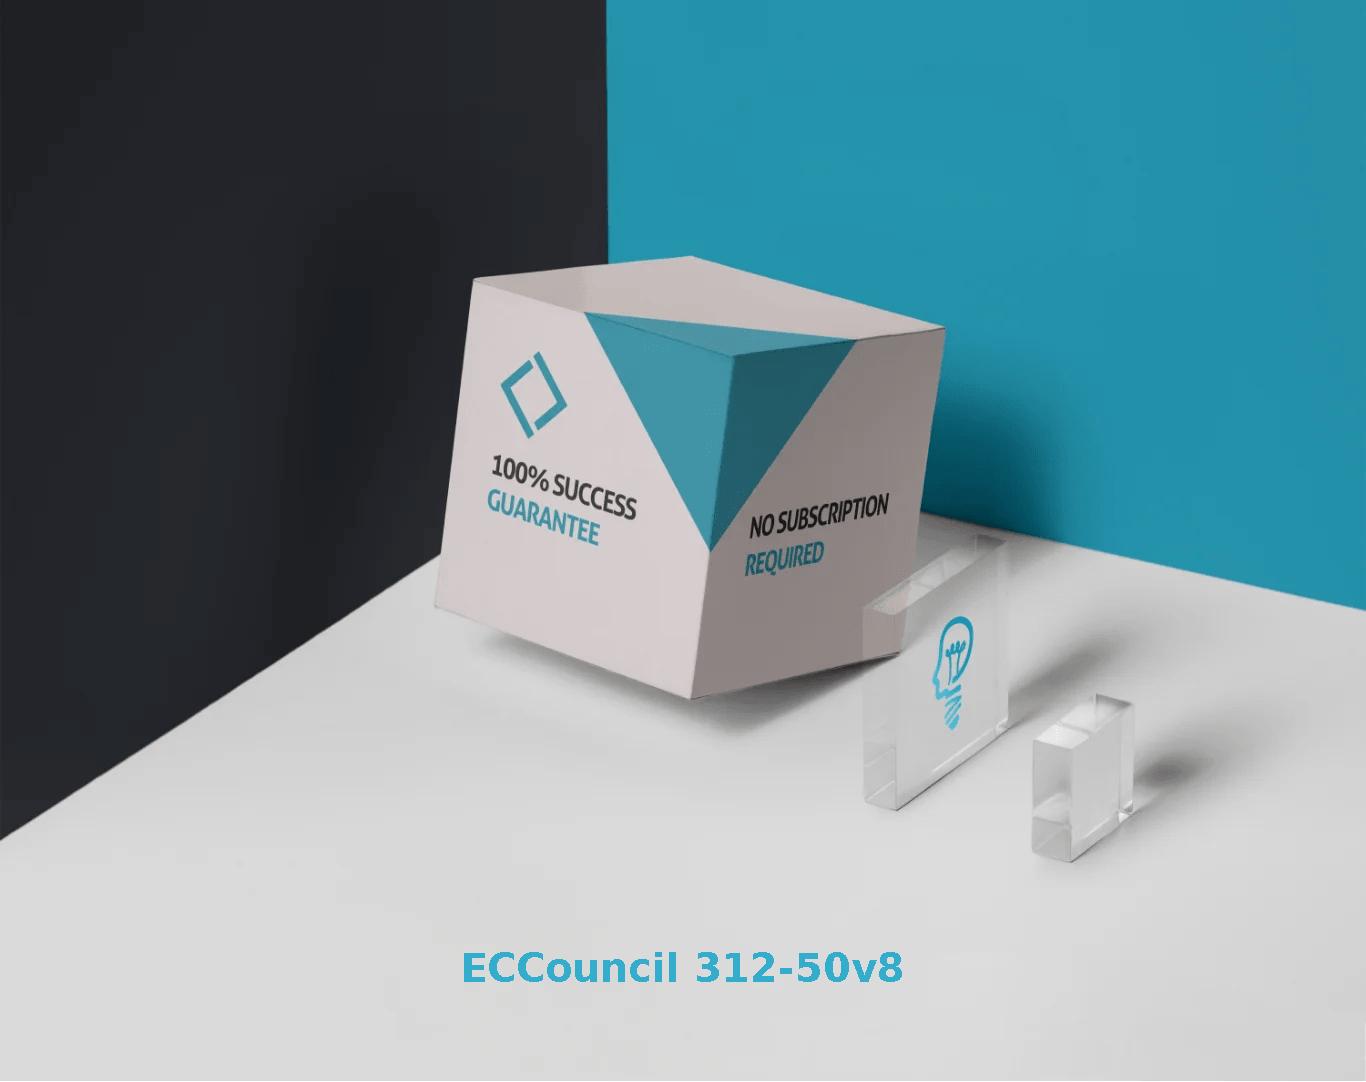 ECCouncil 312-50v8 Exams